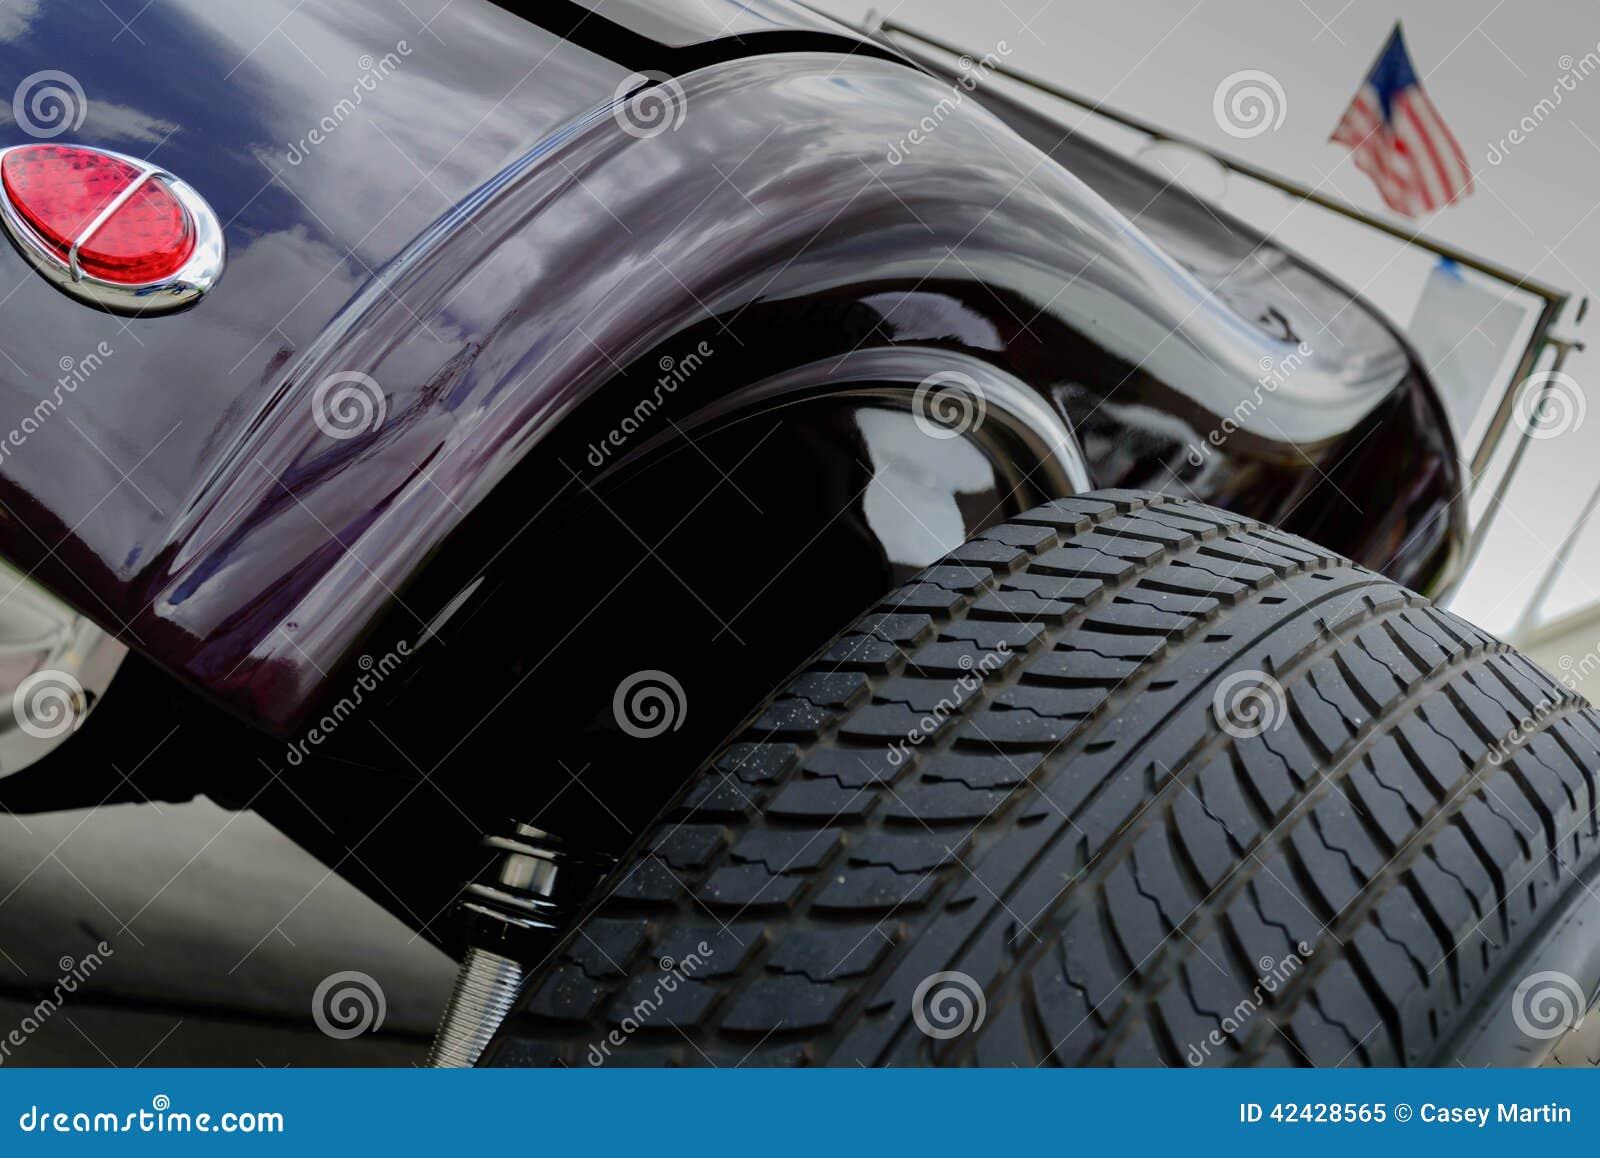 Coche del equipo del automóvil descubierto del vado de los años 30